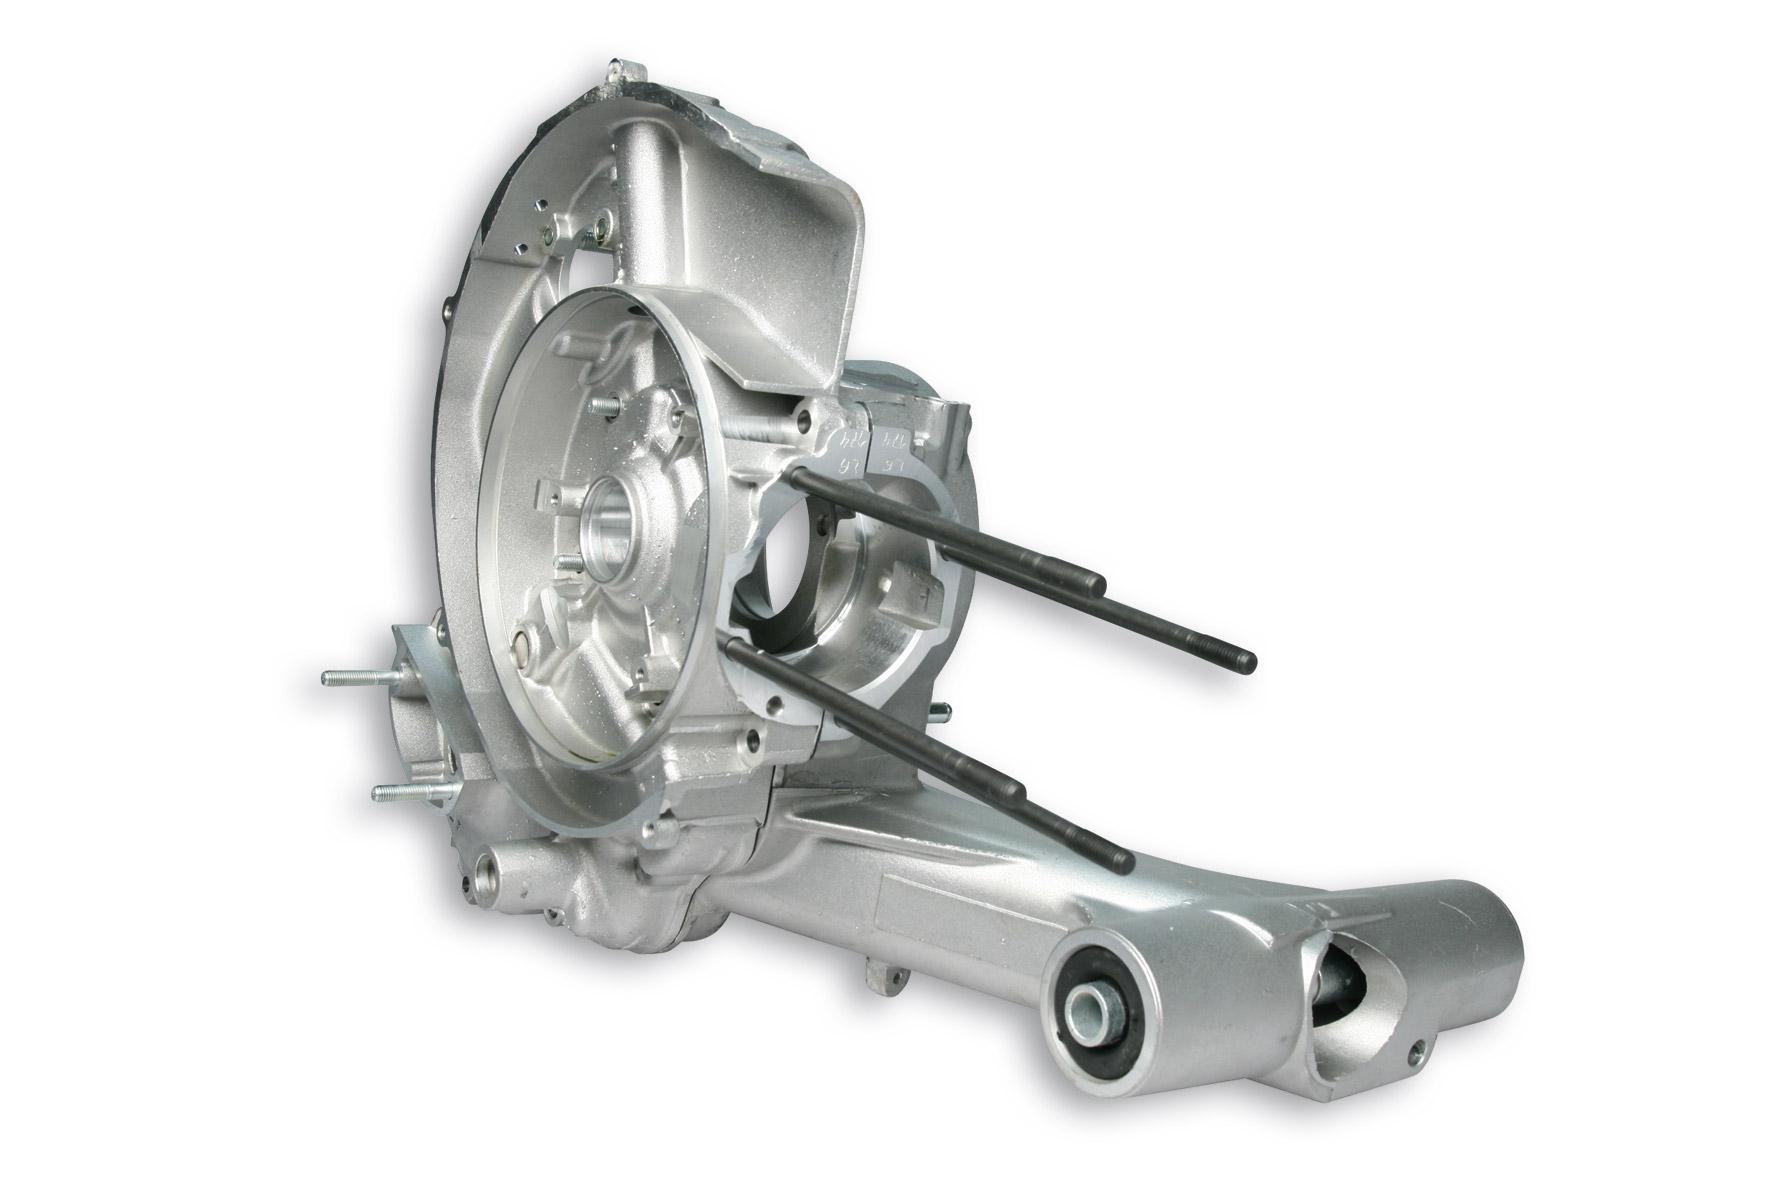 Carter motore completo originale Piaggio per Vespa PX E 2T 200 cc